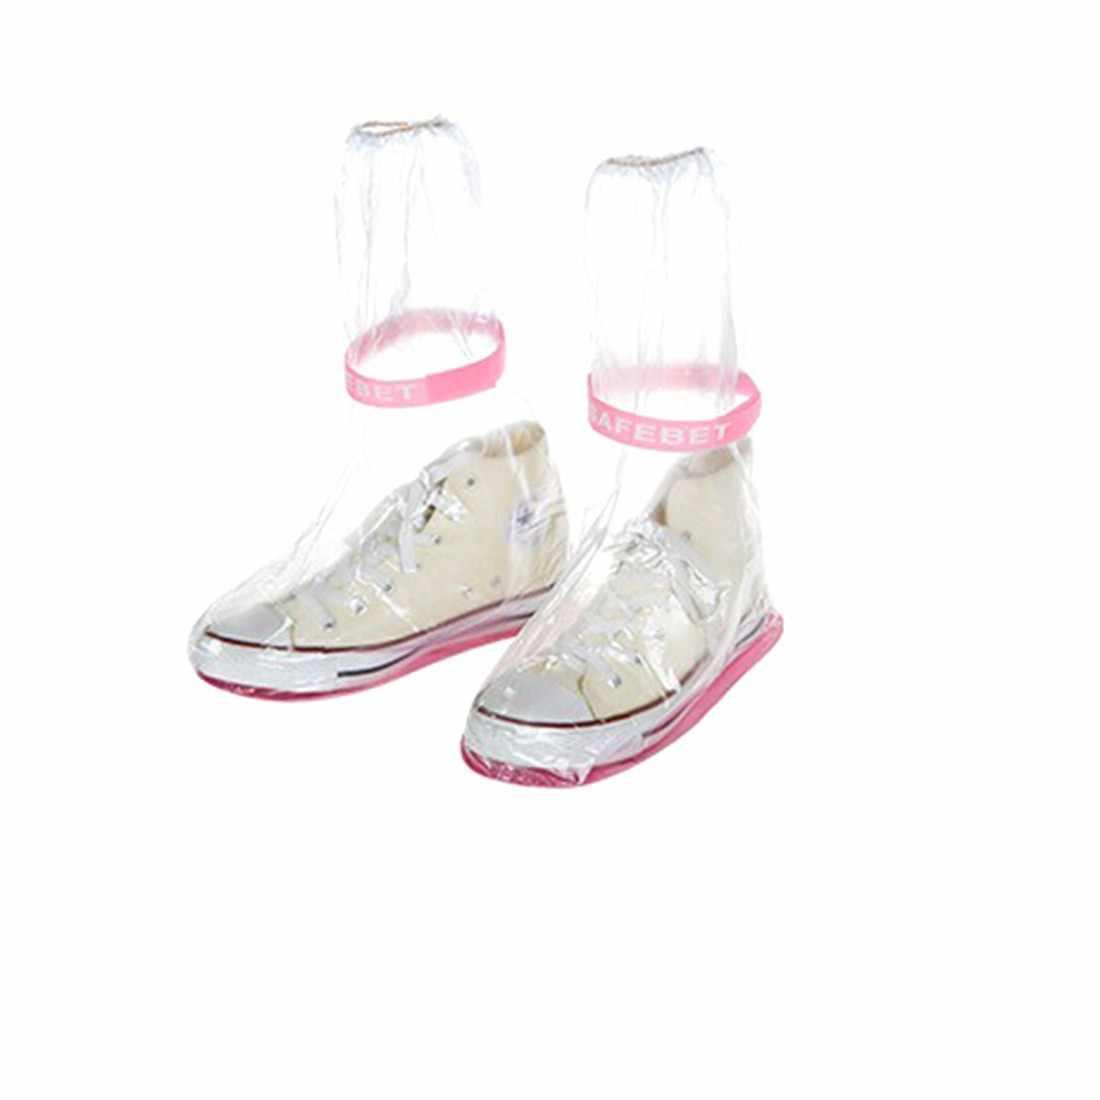 Yeniden kullanılabilir Yağmur ayakkabı koruyucu Kadınlar/Erkekler/Çocuklar Çocuk Kalınlaşmak su geçirmez botlar Döngüsü Yağmur Düz slip-dayanıklı Galoş